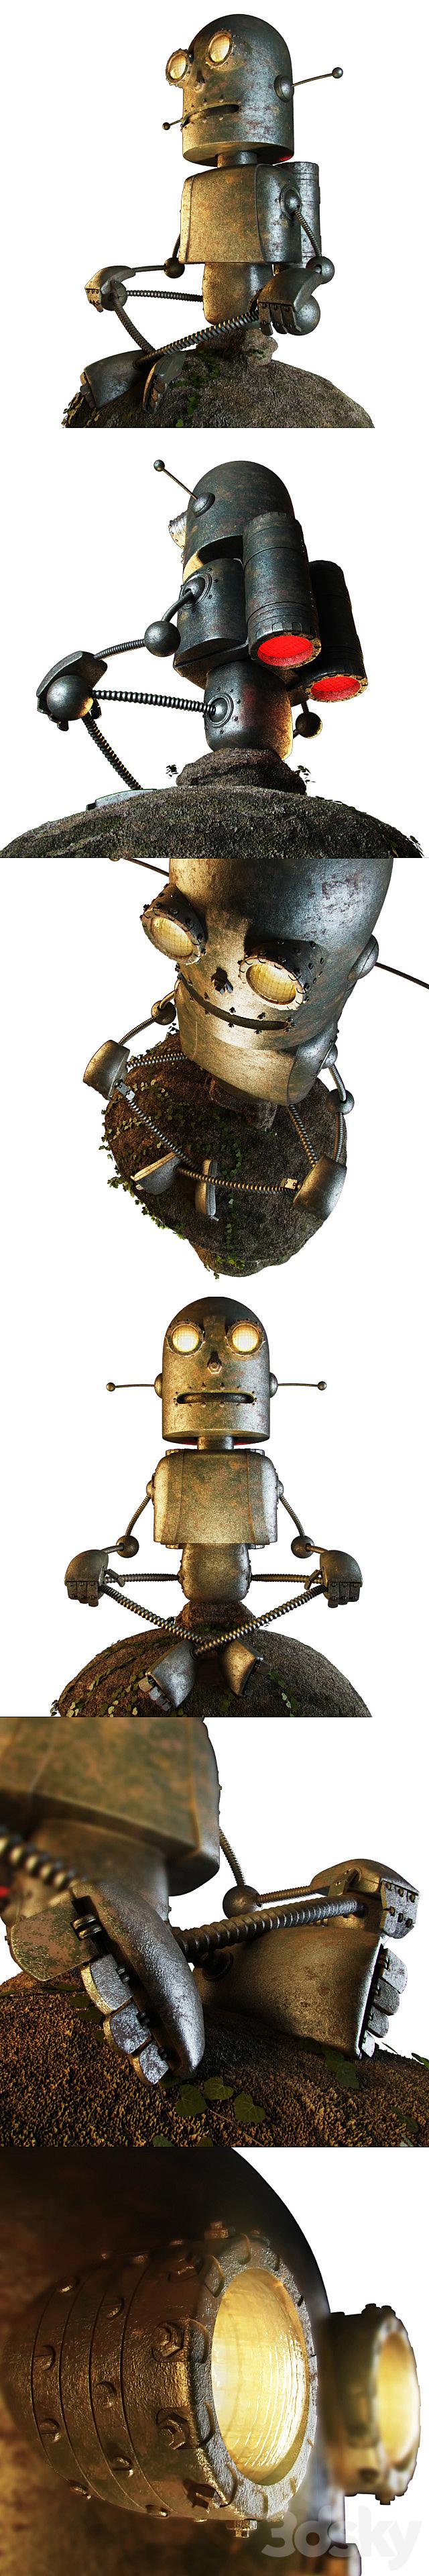 Meditation robot